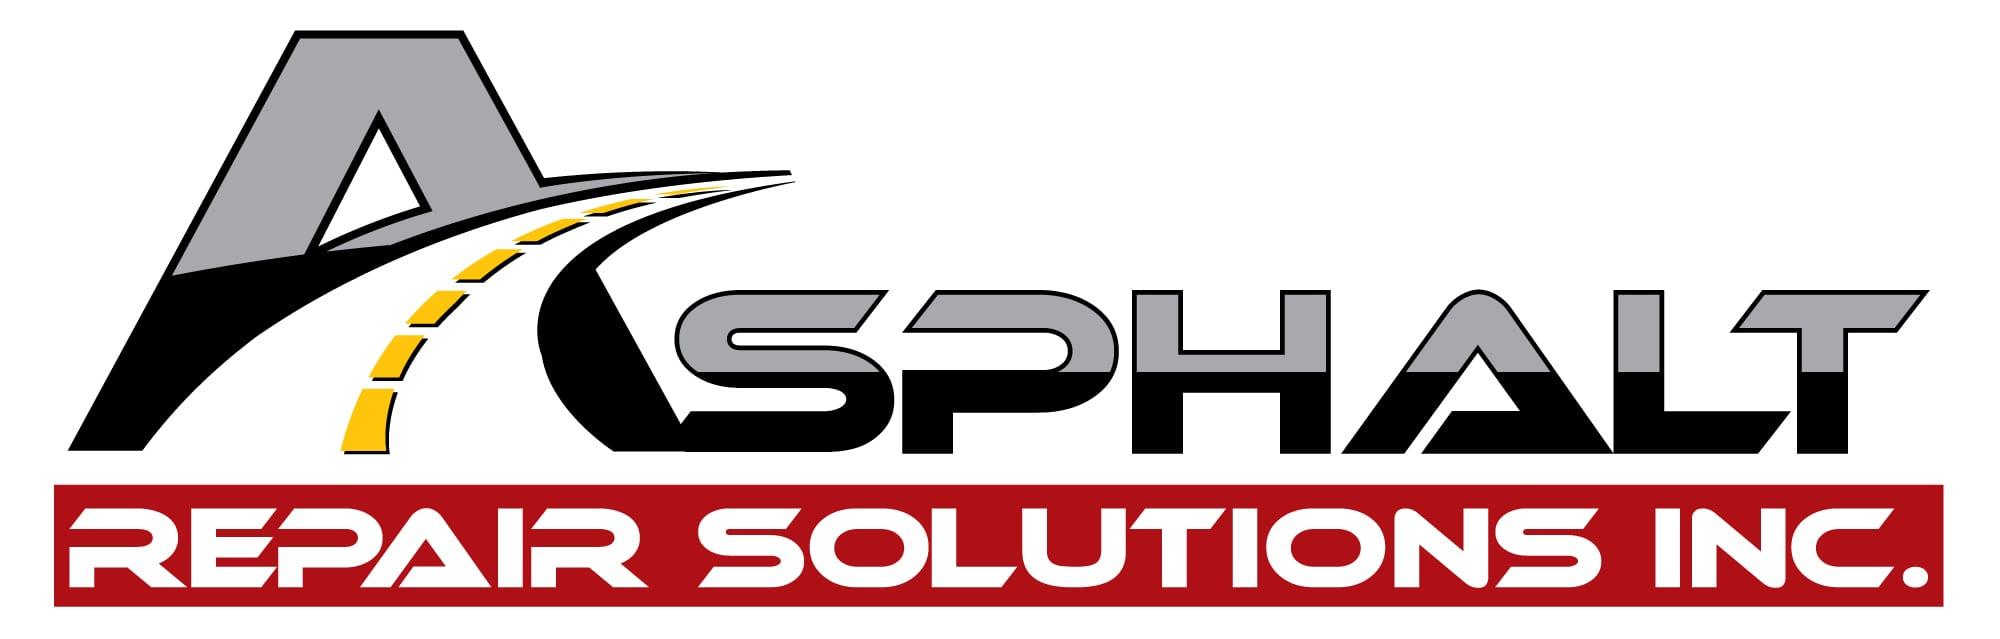 Asphalt Repair Solutions Inc.